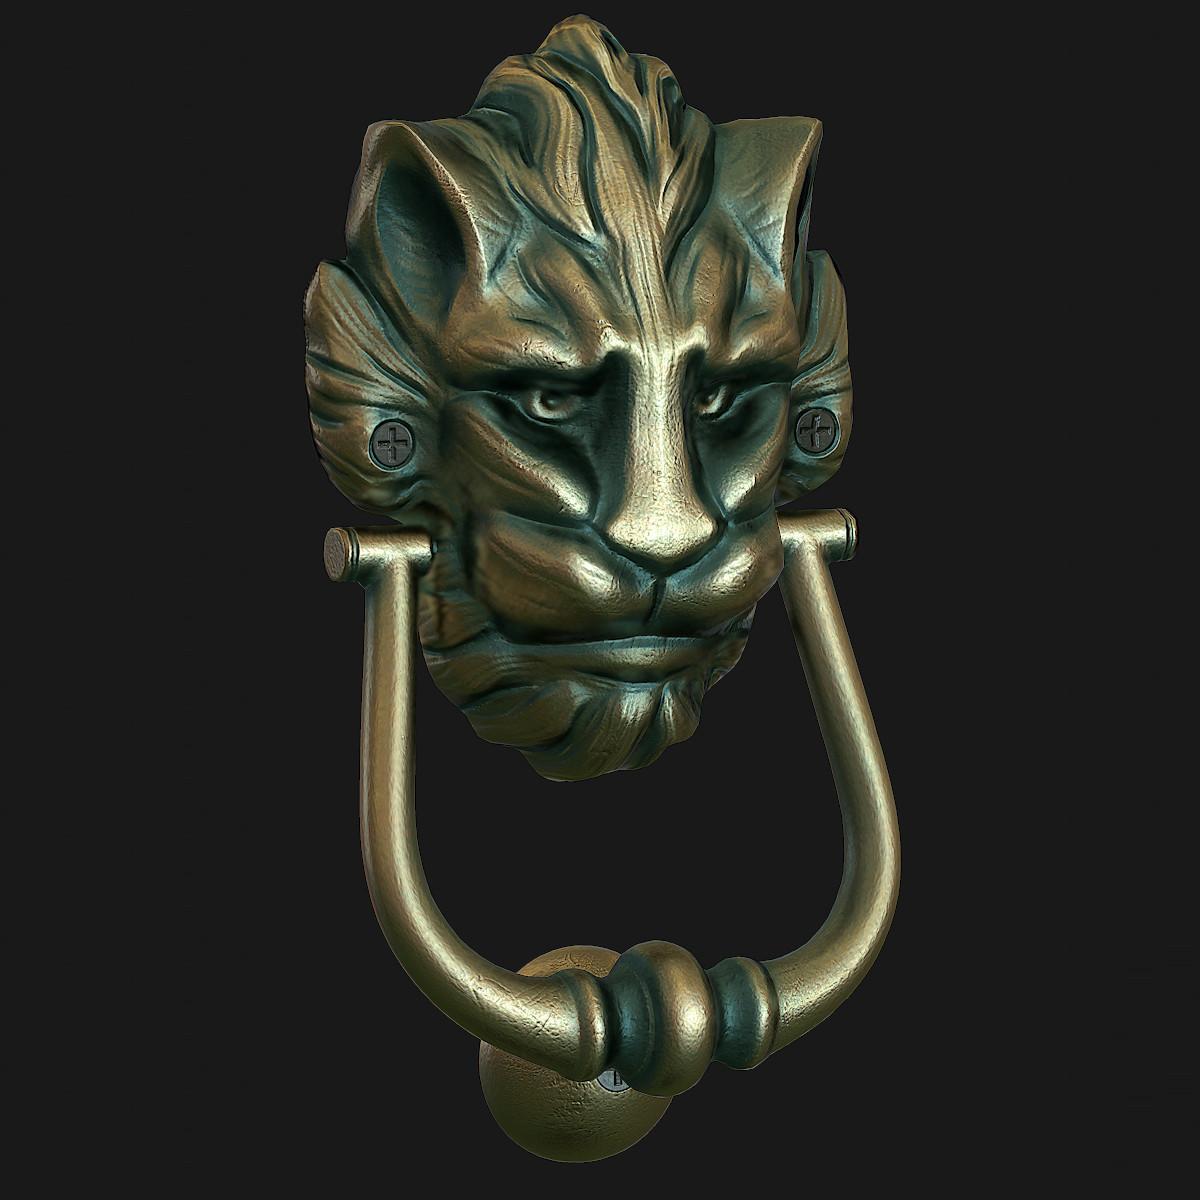 ThePolyStore_LionDoorKnocker_Turbosquid_1.jpg